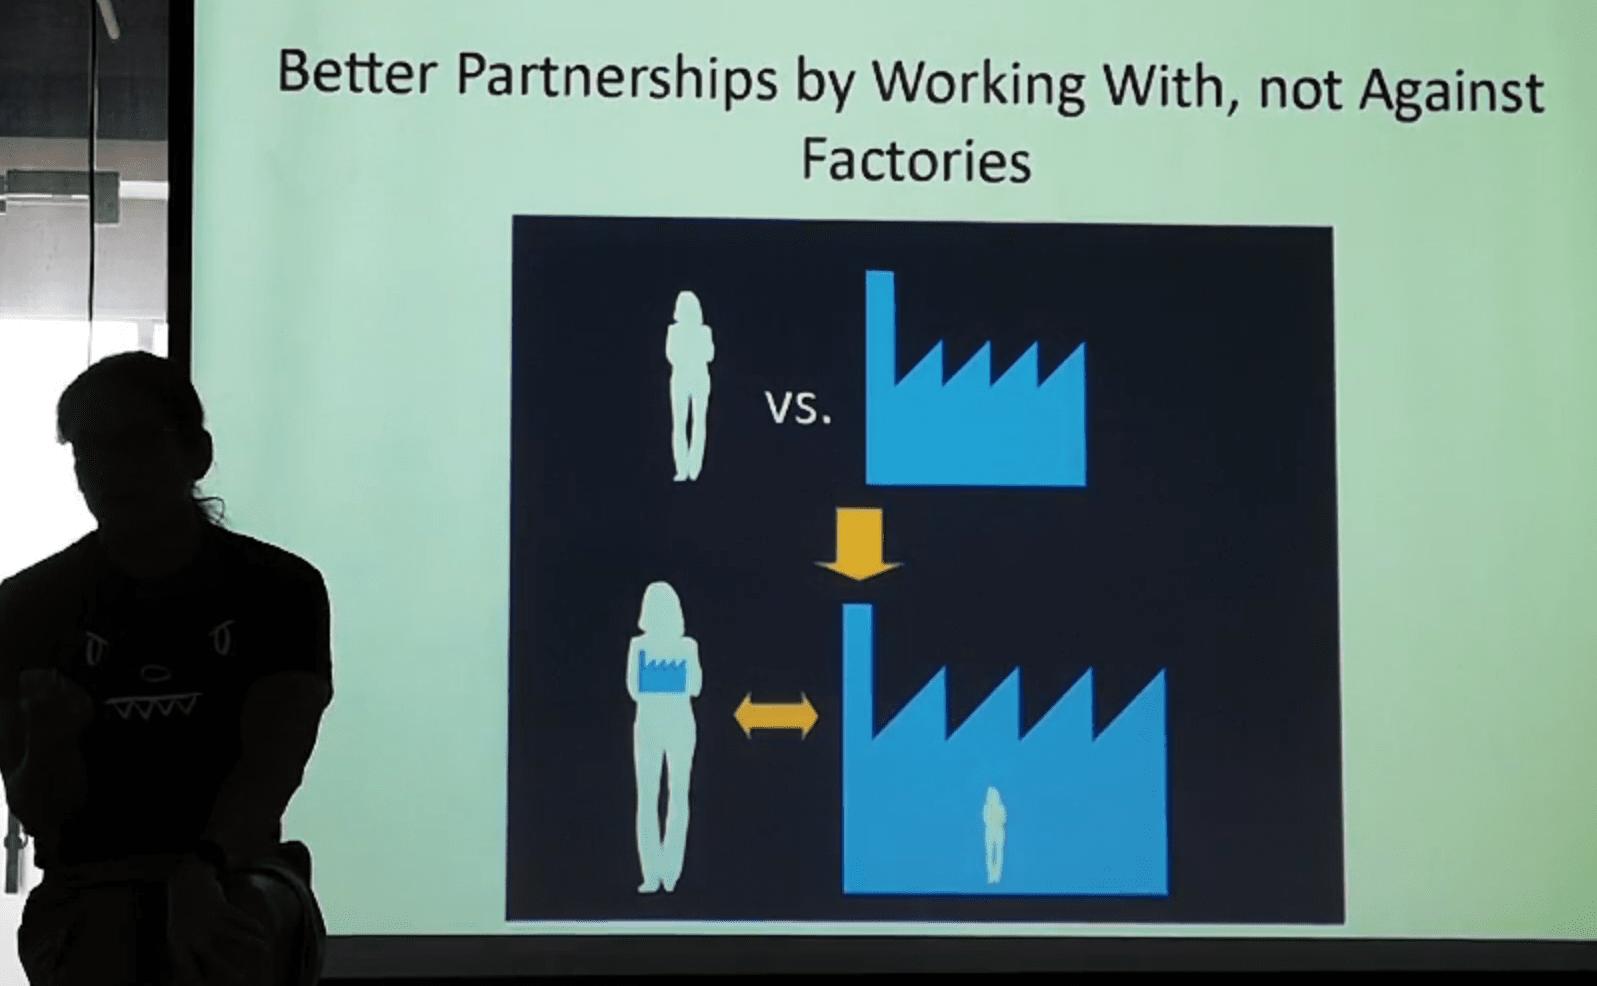 深センでハードウェアスタートアップたちに向けて行われた講座。「デザイナーは自分の中に工場を持ち、工場の中に入っていくべきだ」と語るバニー・ファン